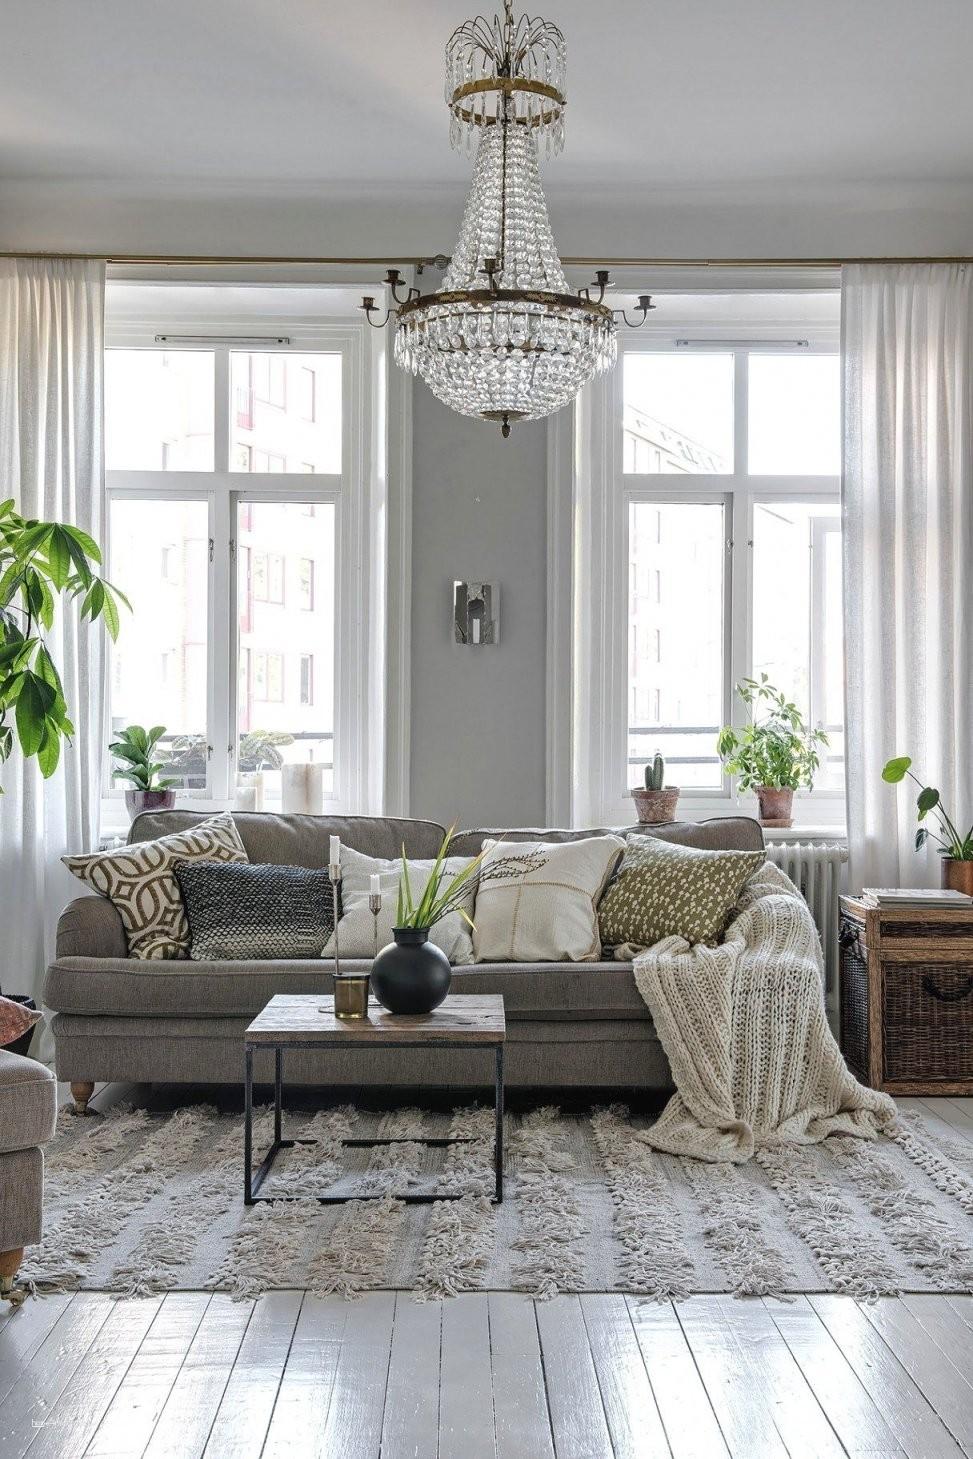 Wohnzimmer Einrichten Für Wenig Geld Luxus Bilder Für Wohnzimmer von Wohnzimmer Neu Gestalten Mit Wenig Geld Photo